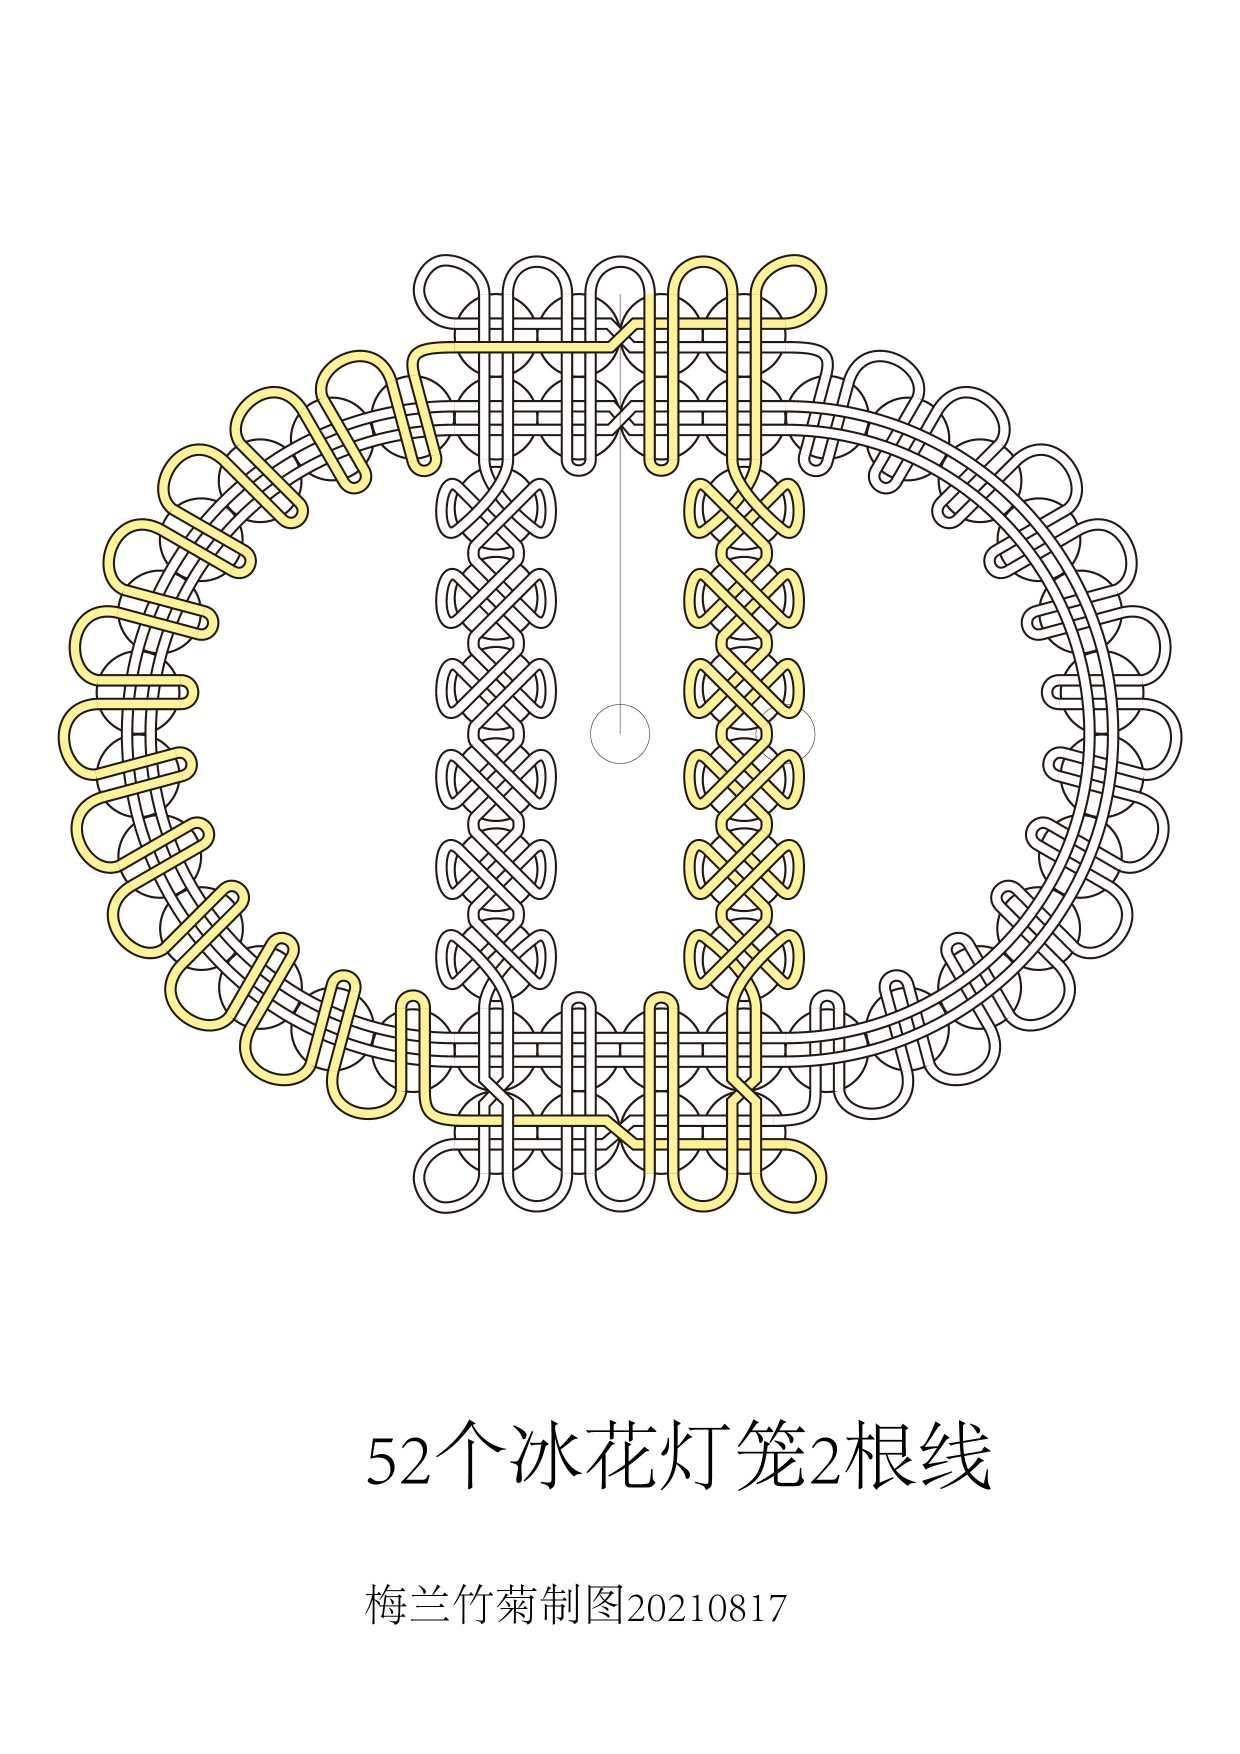 中国结论坛 冰花灯笼 小灯笼,自然冰花,顶冰花,冰花雨,创意灯笼 作品展示 142159iem43x545ijmegj4